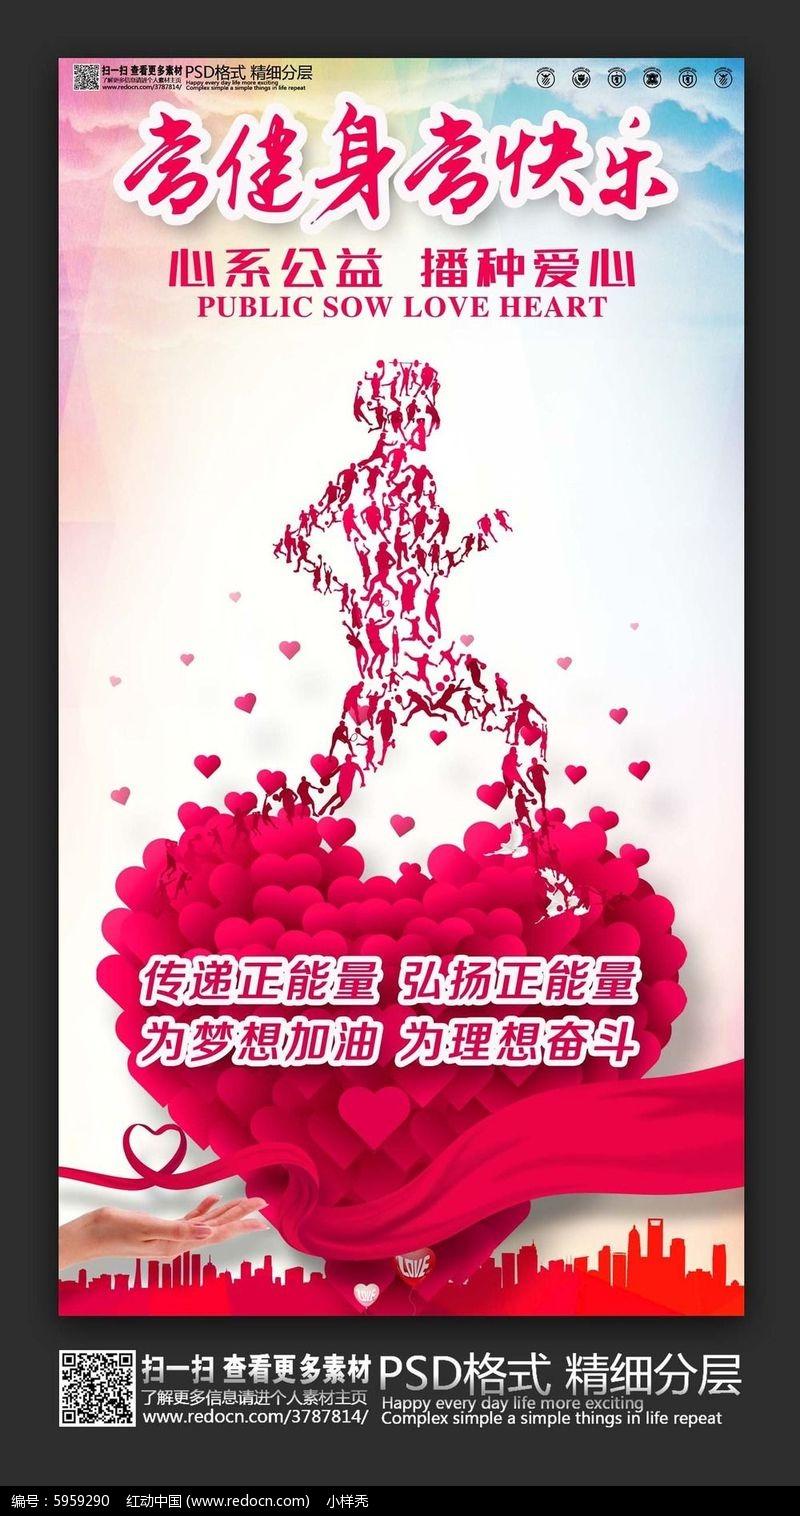 原创设计稿 海报设计/宣传单/广告牌 公益海报 常健身常快乐创意公益图片